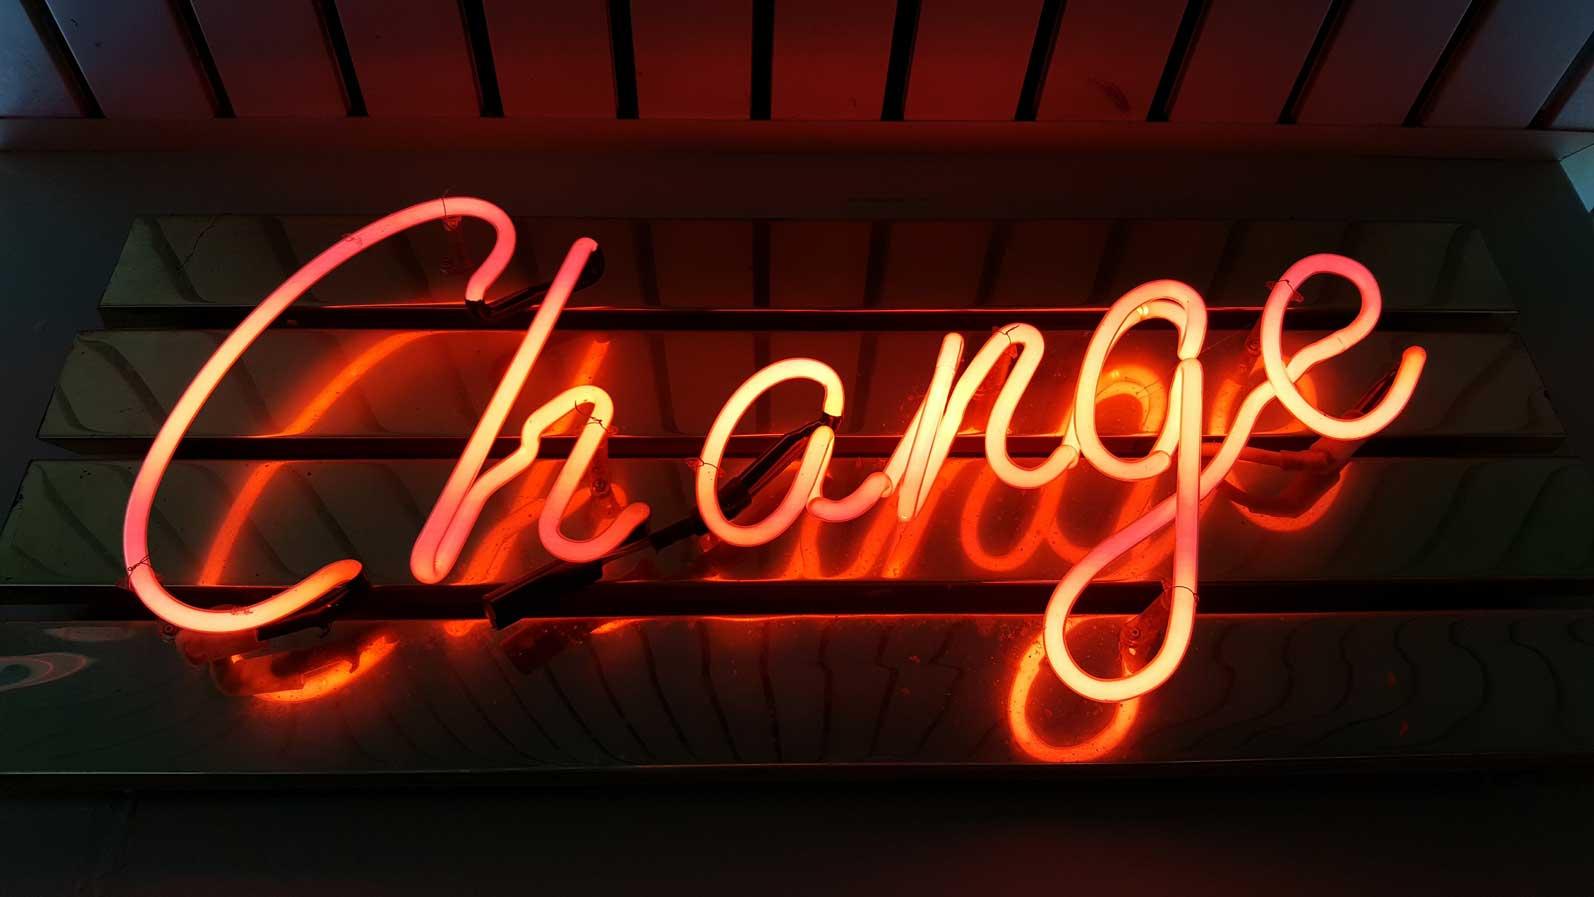 Frasi Sul Cambiamento E Aforismi Sul Cambiamento La Top 40